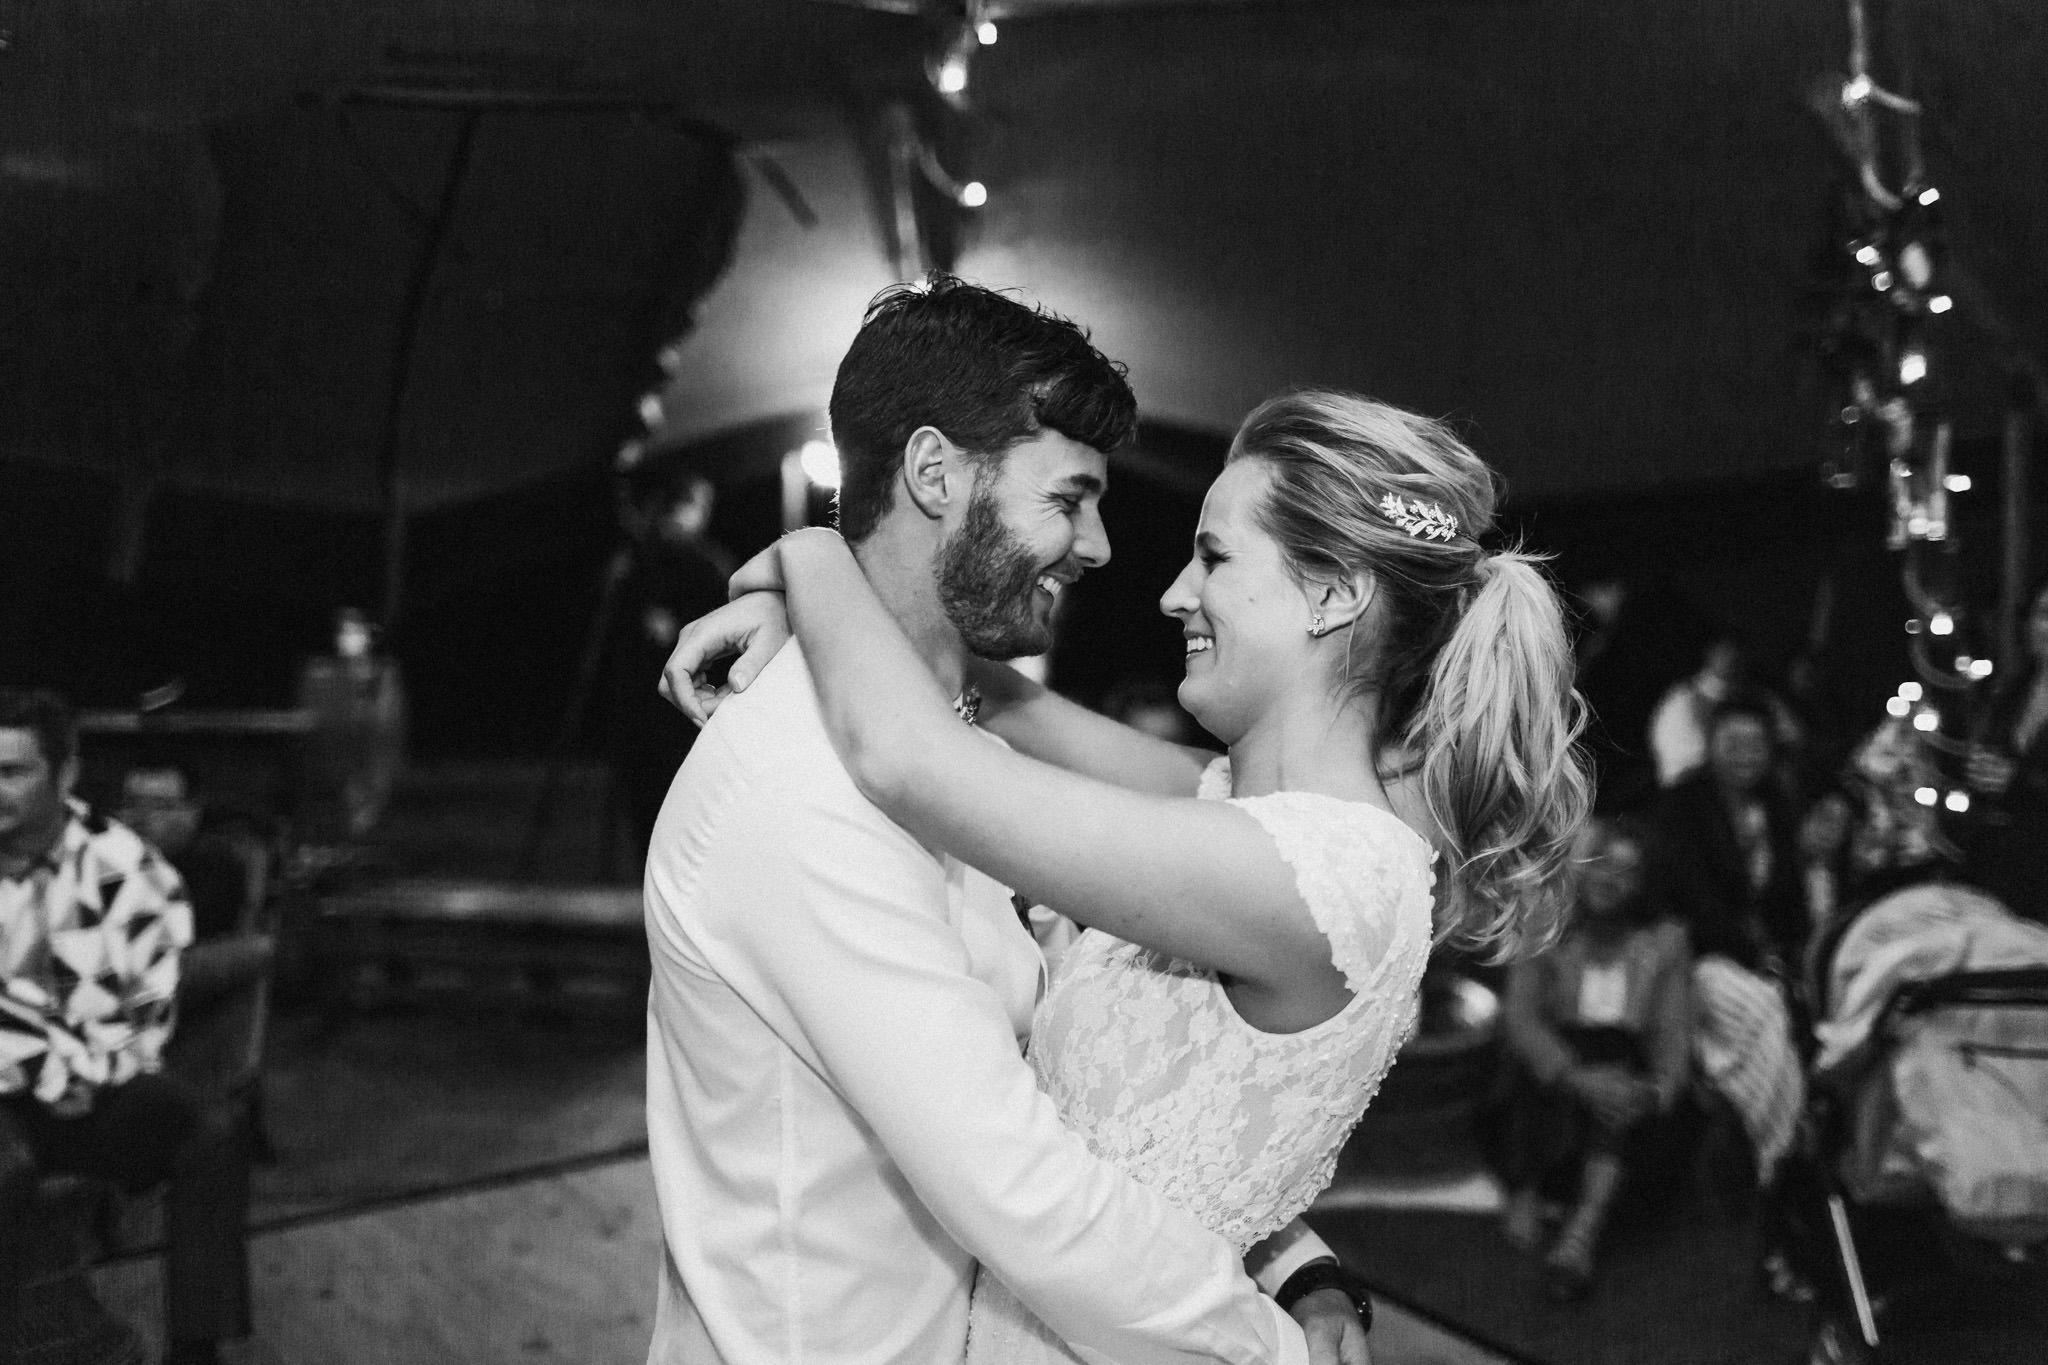 WeddingPhotos_Facebook_2048pixels-1865.jpg